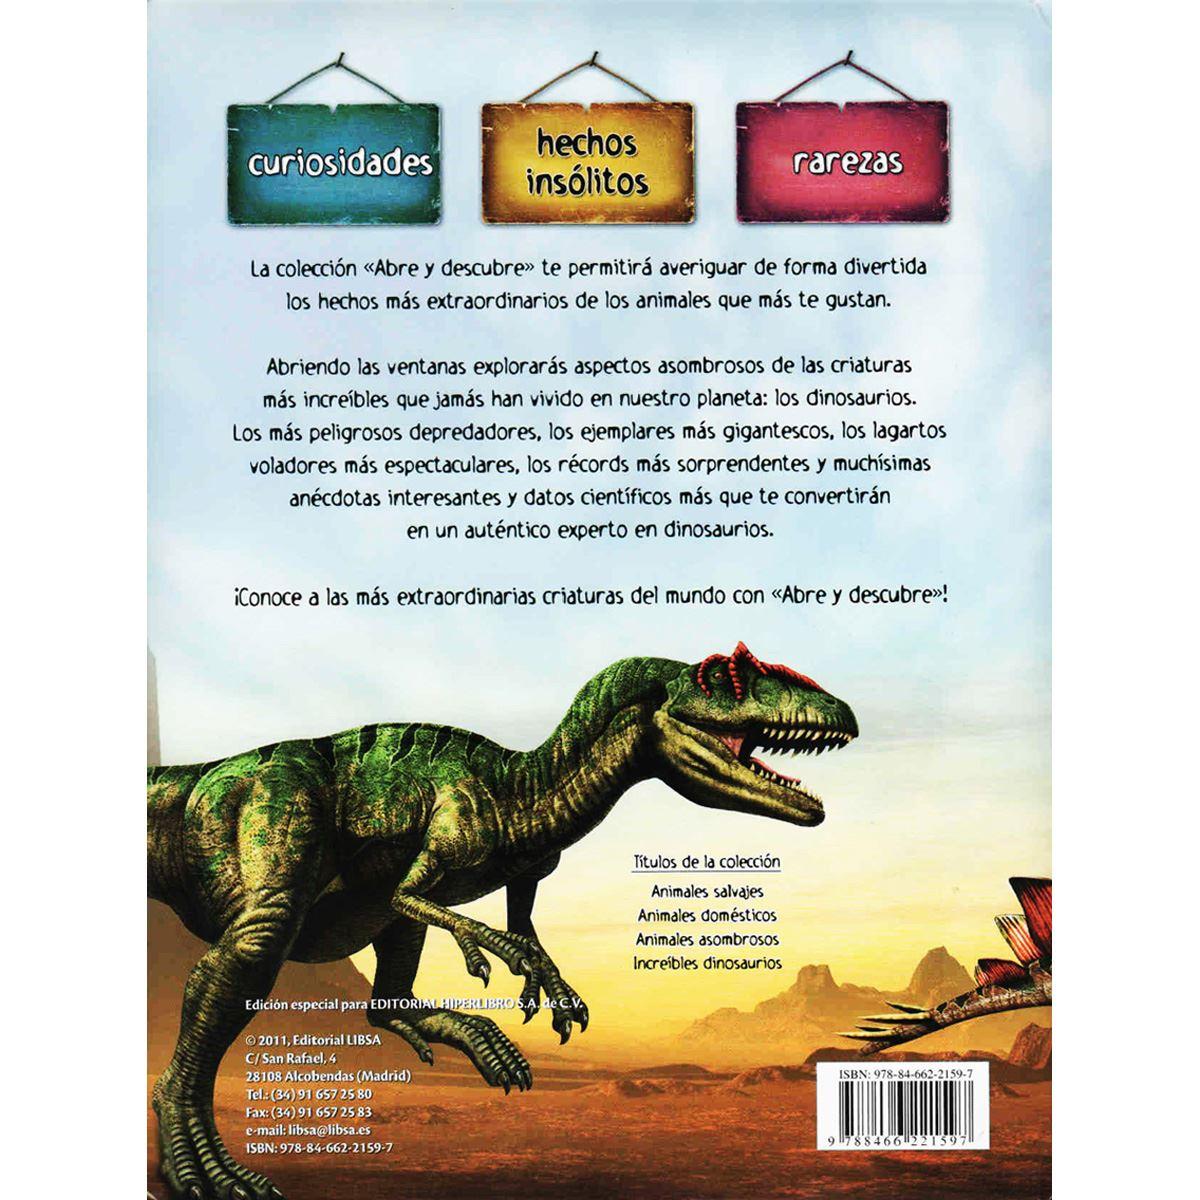 Increíbles dinosaurios abre y descubre